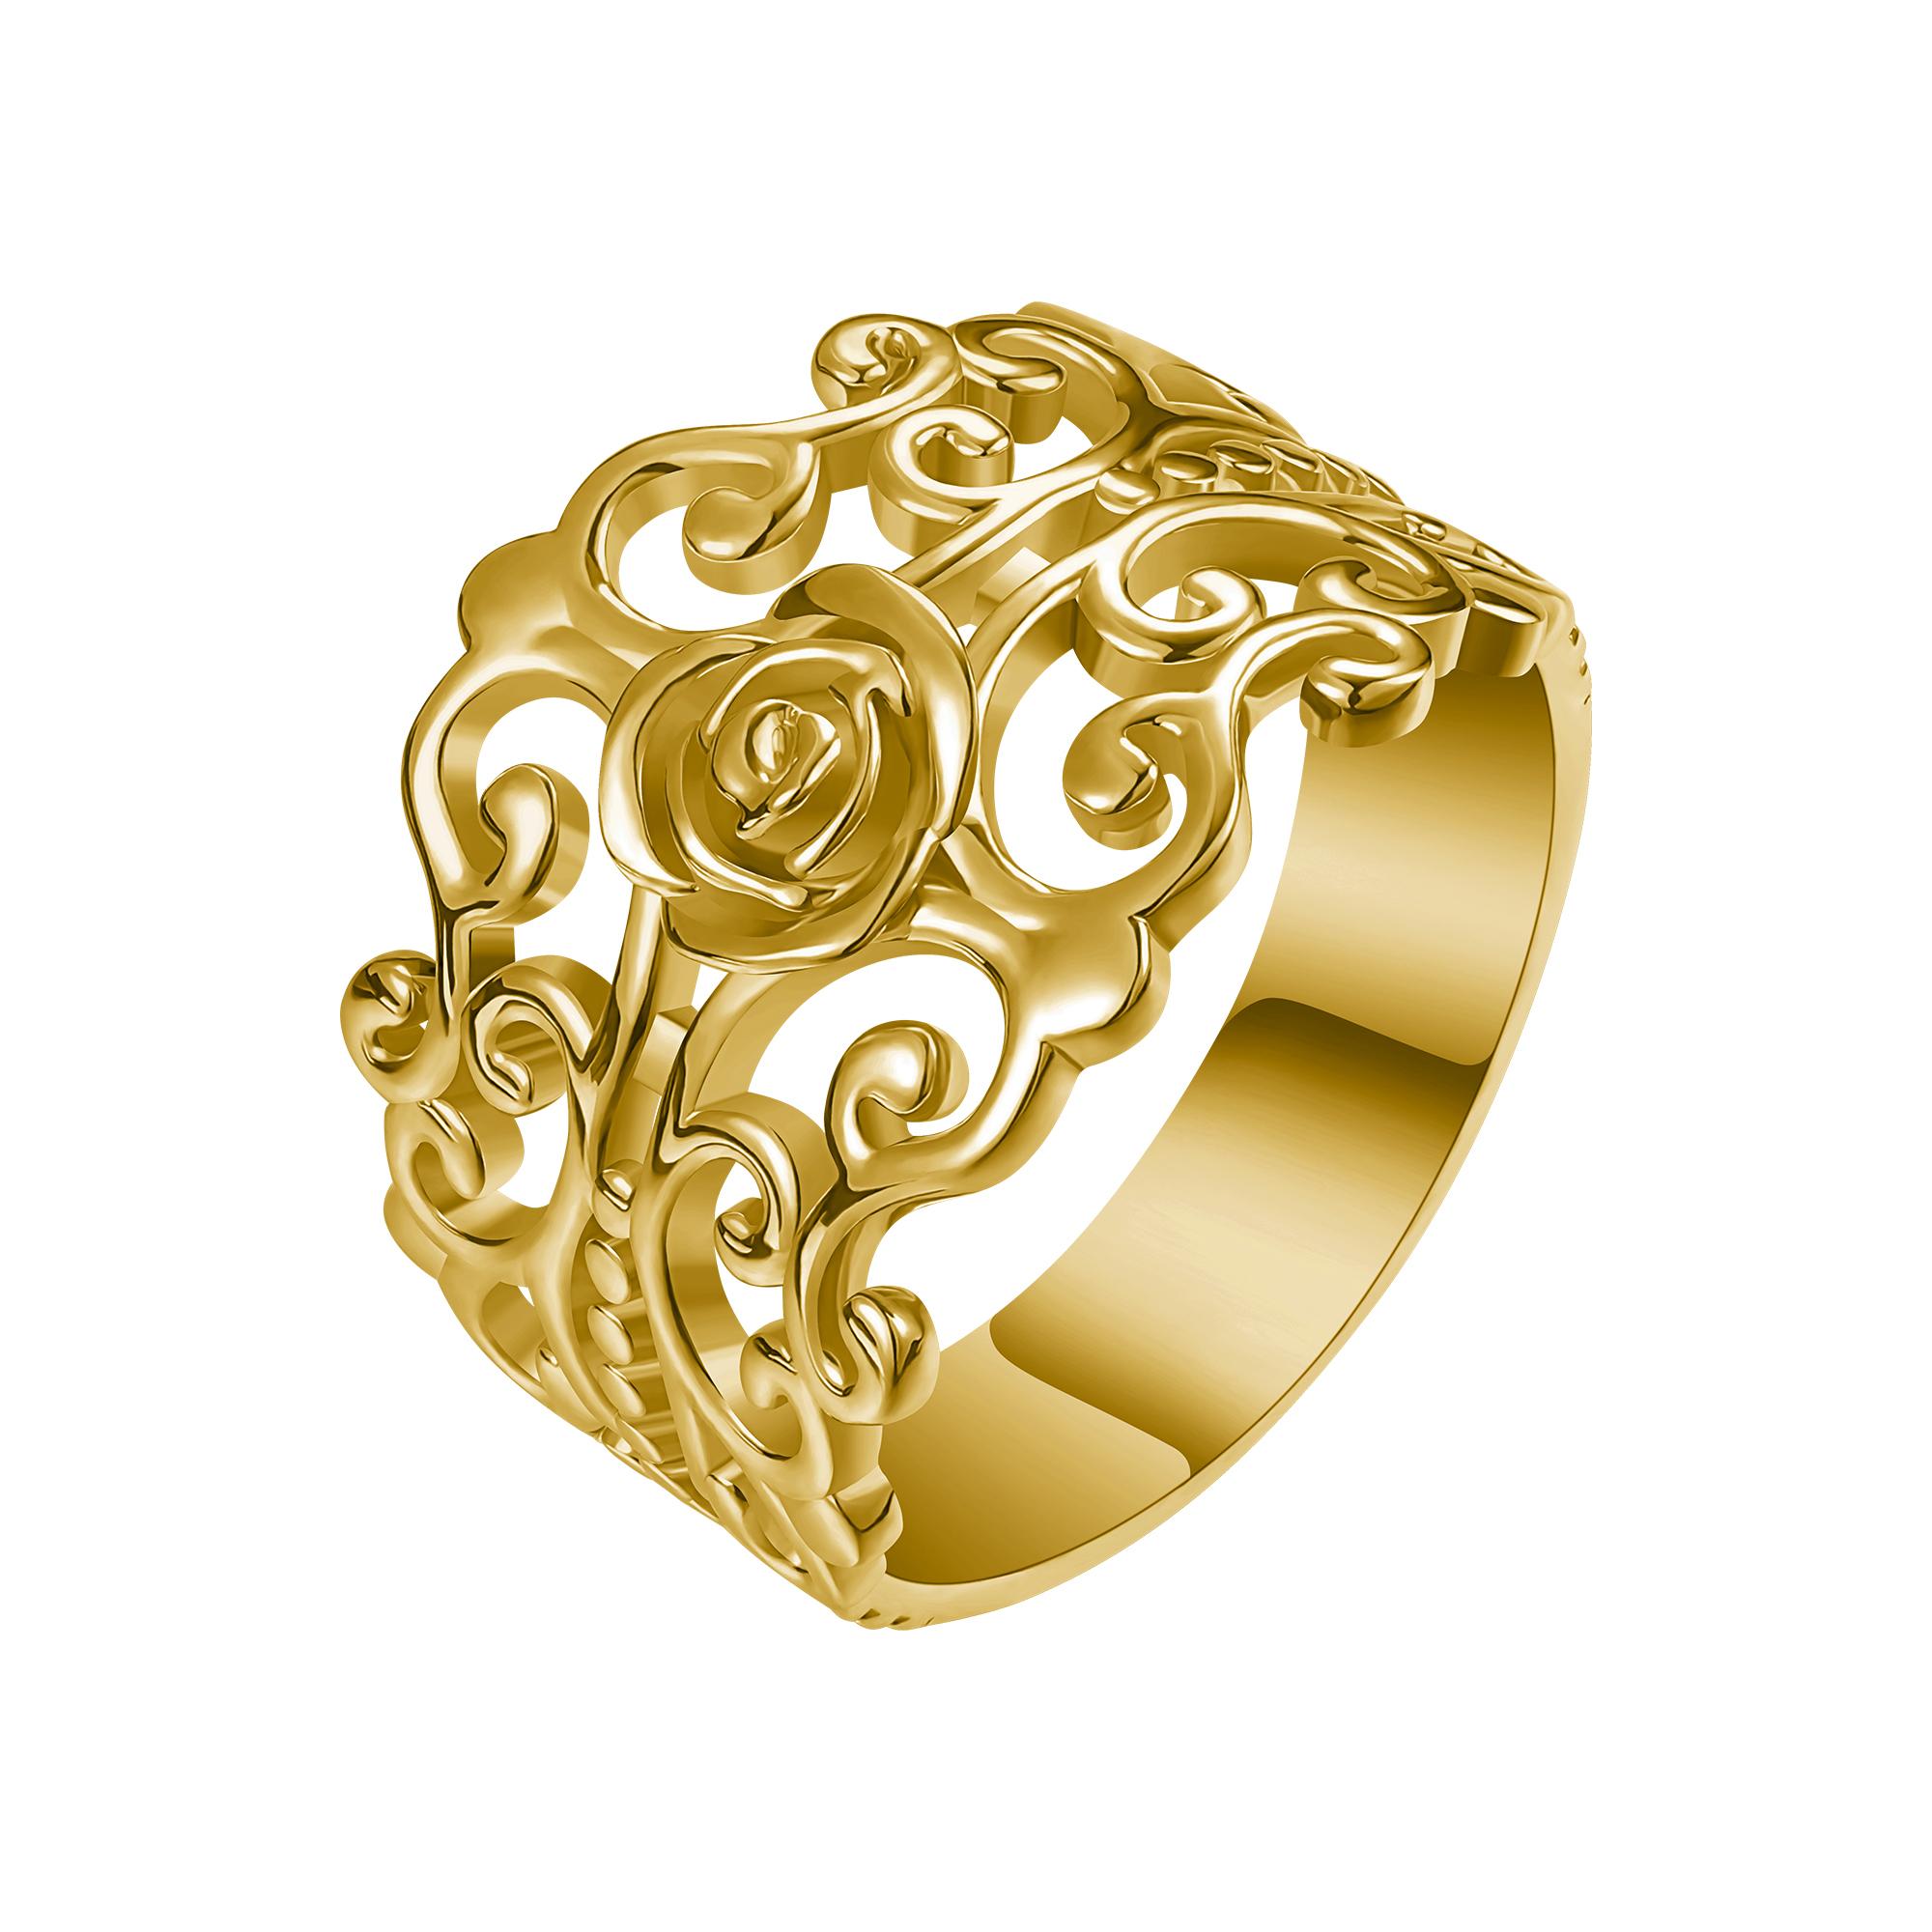 Levně FILIGRÁN stříbrný prsten 4300 Velikost prstenů: 8 (EU: 57-58), Barva: Zlatá Ag 925; ≤3,4 g.